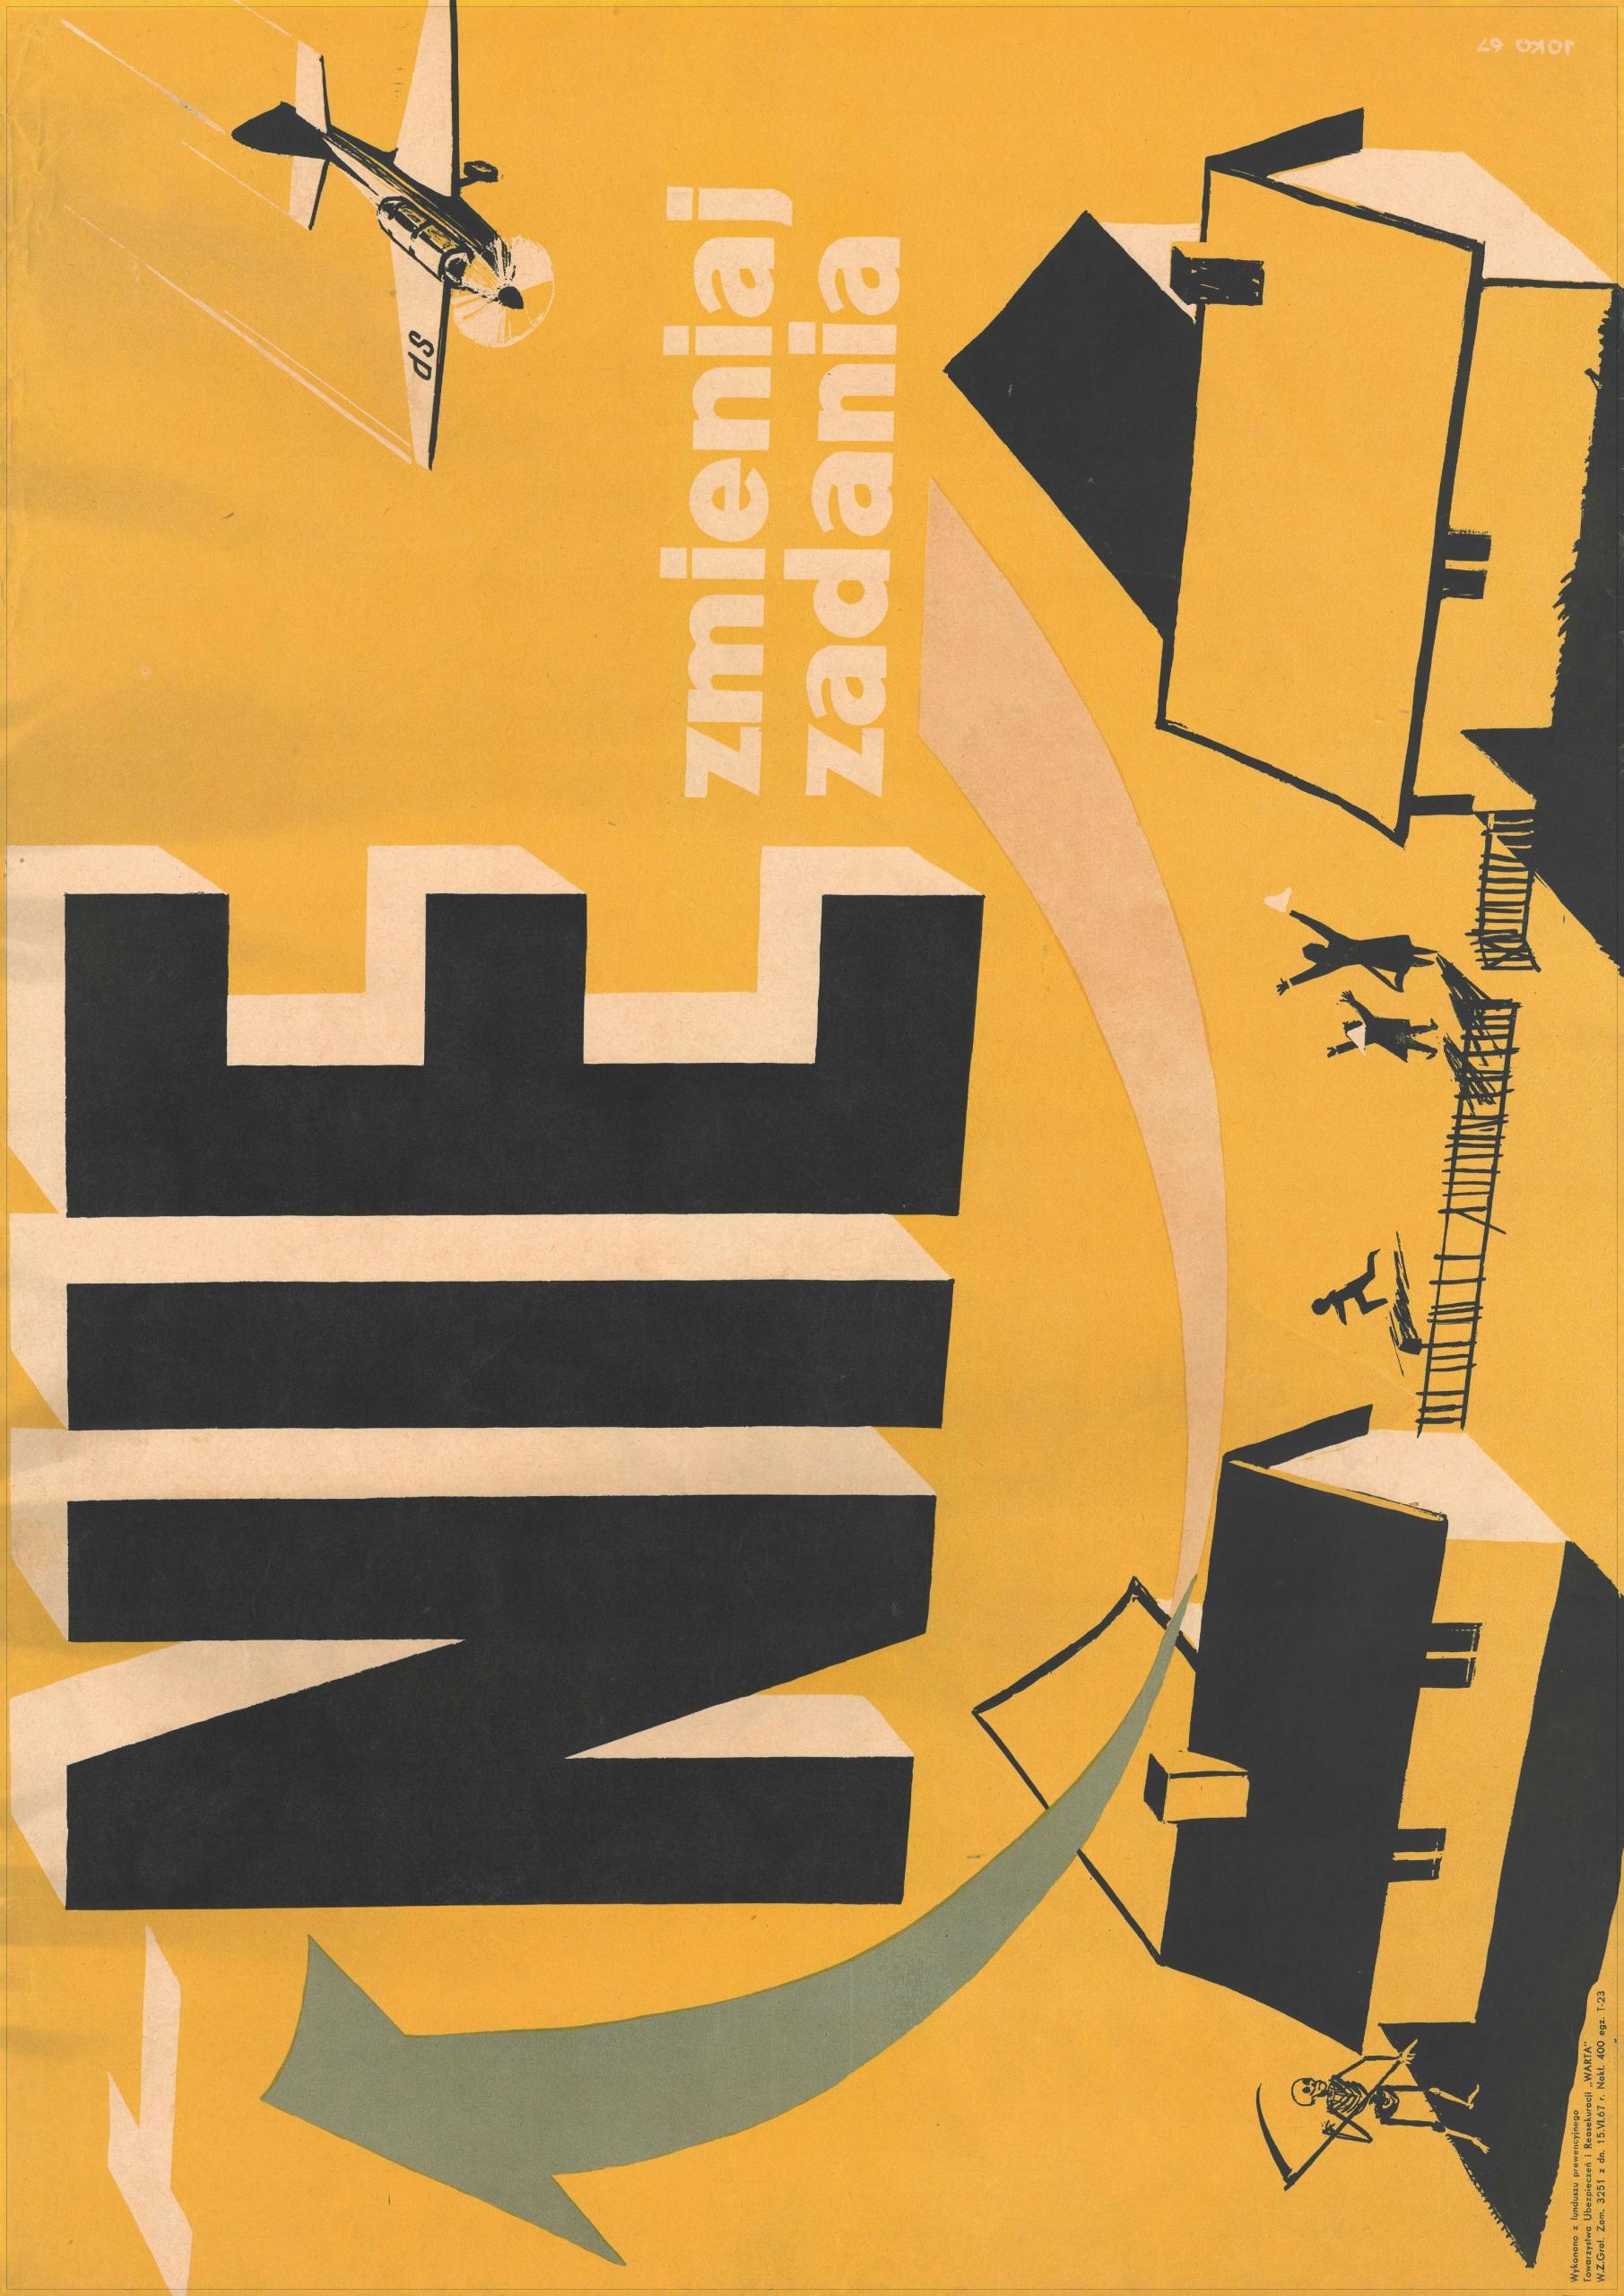 Plakat Lotniczy Lata 60 Xx W Komplet 5 Wzorów